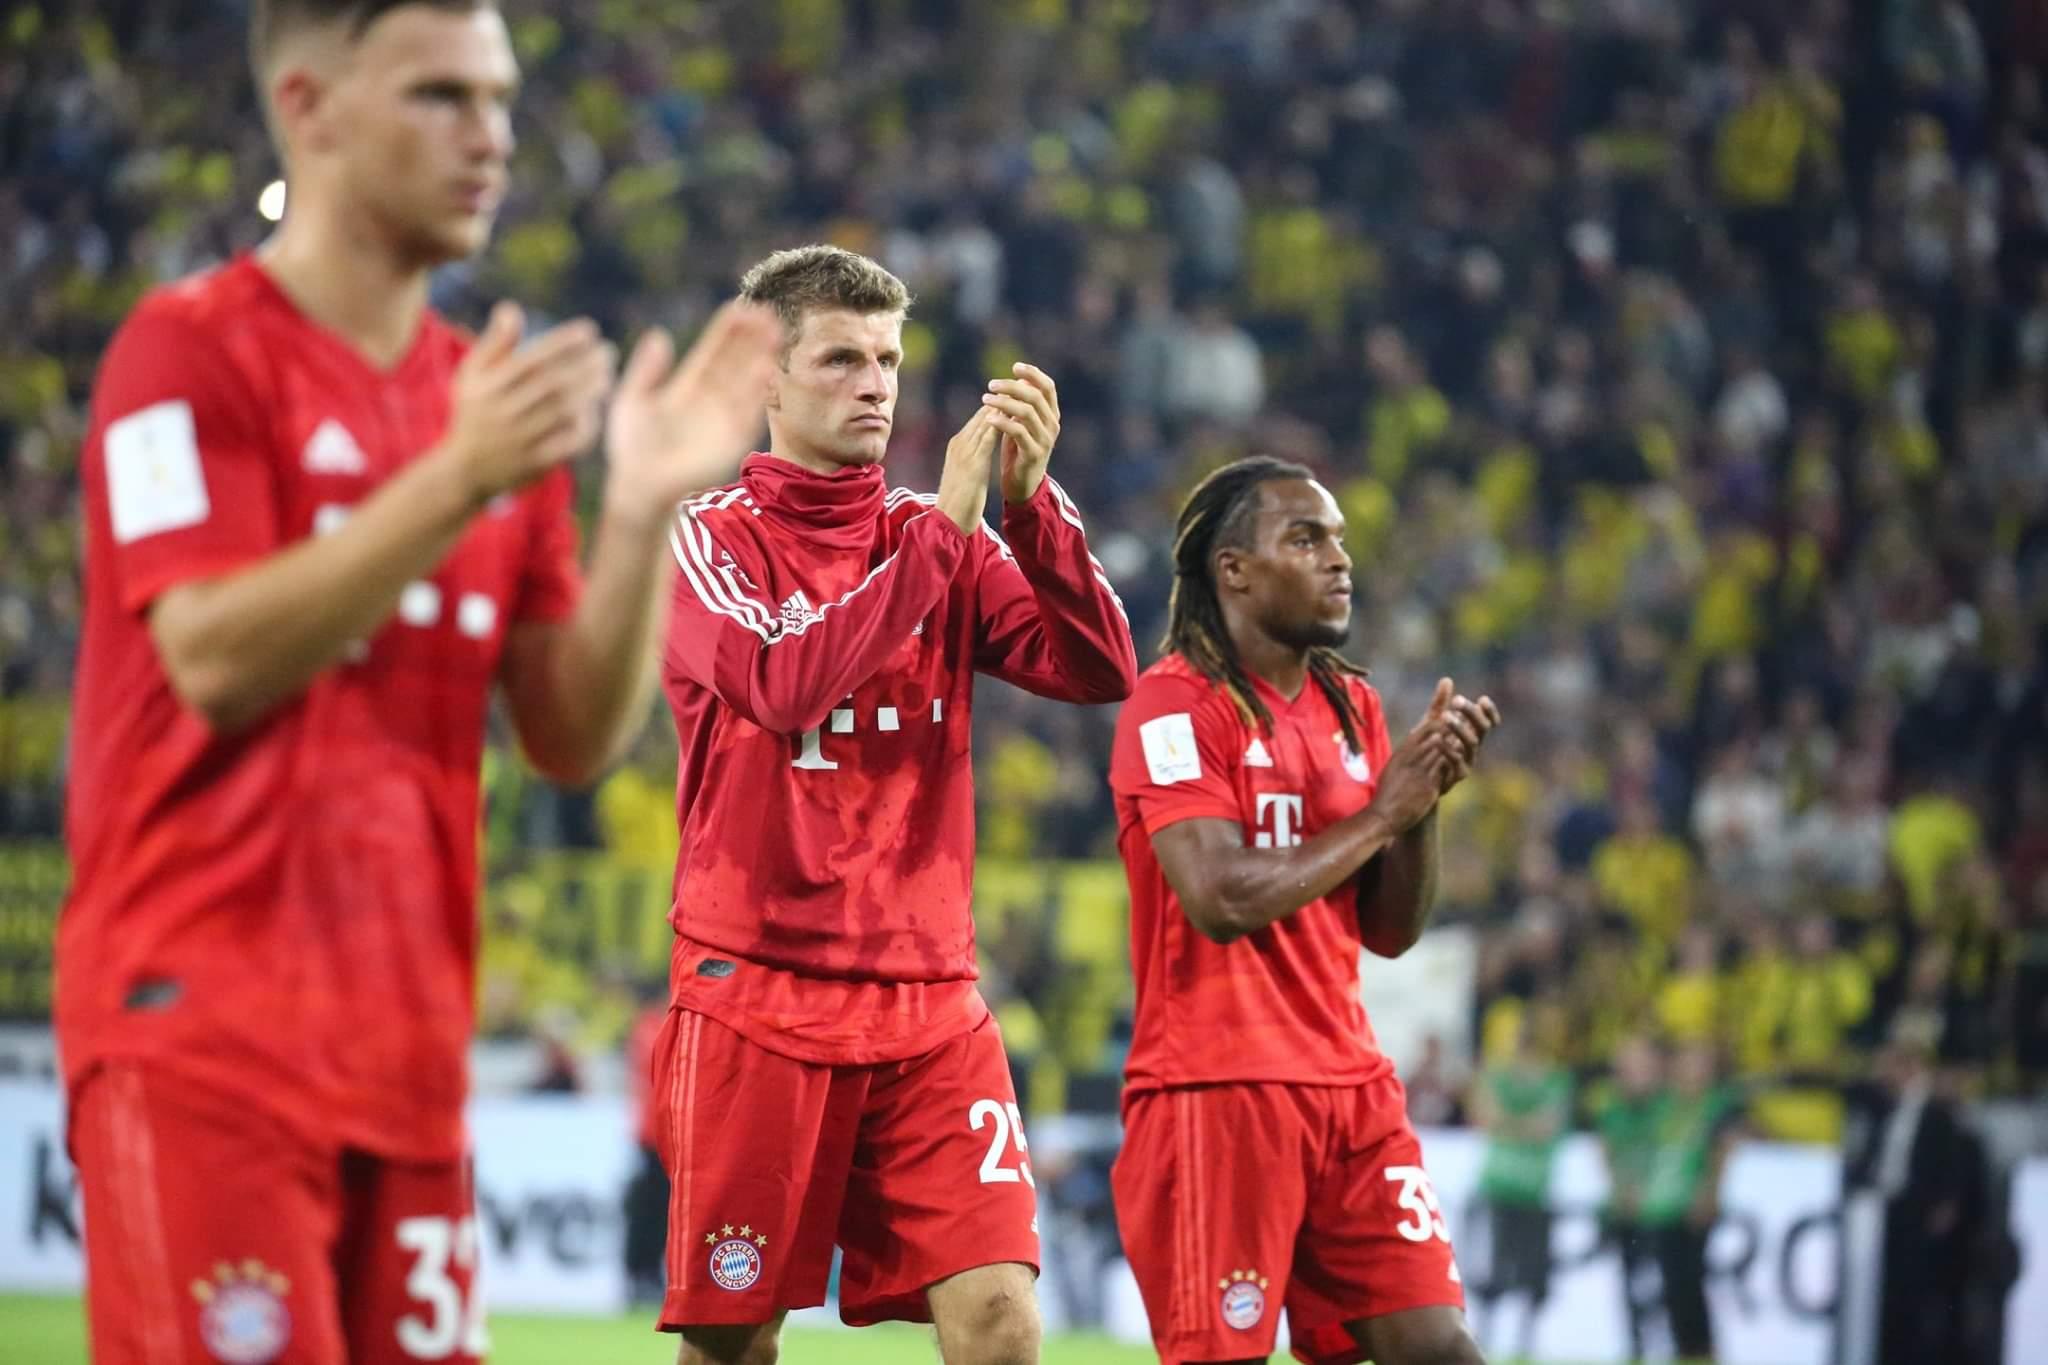 Bayern Munique venceu o Rottach-Egern por 23-0 em jogo amistoso